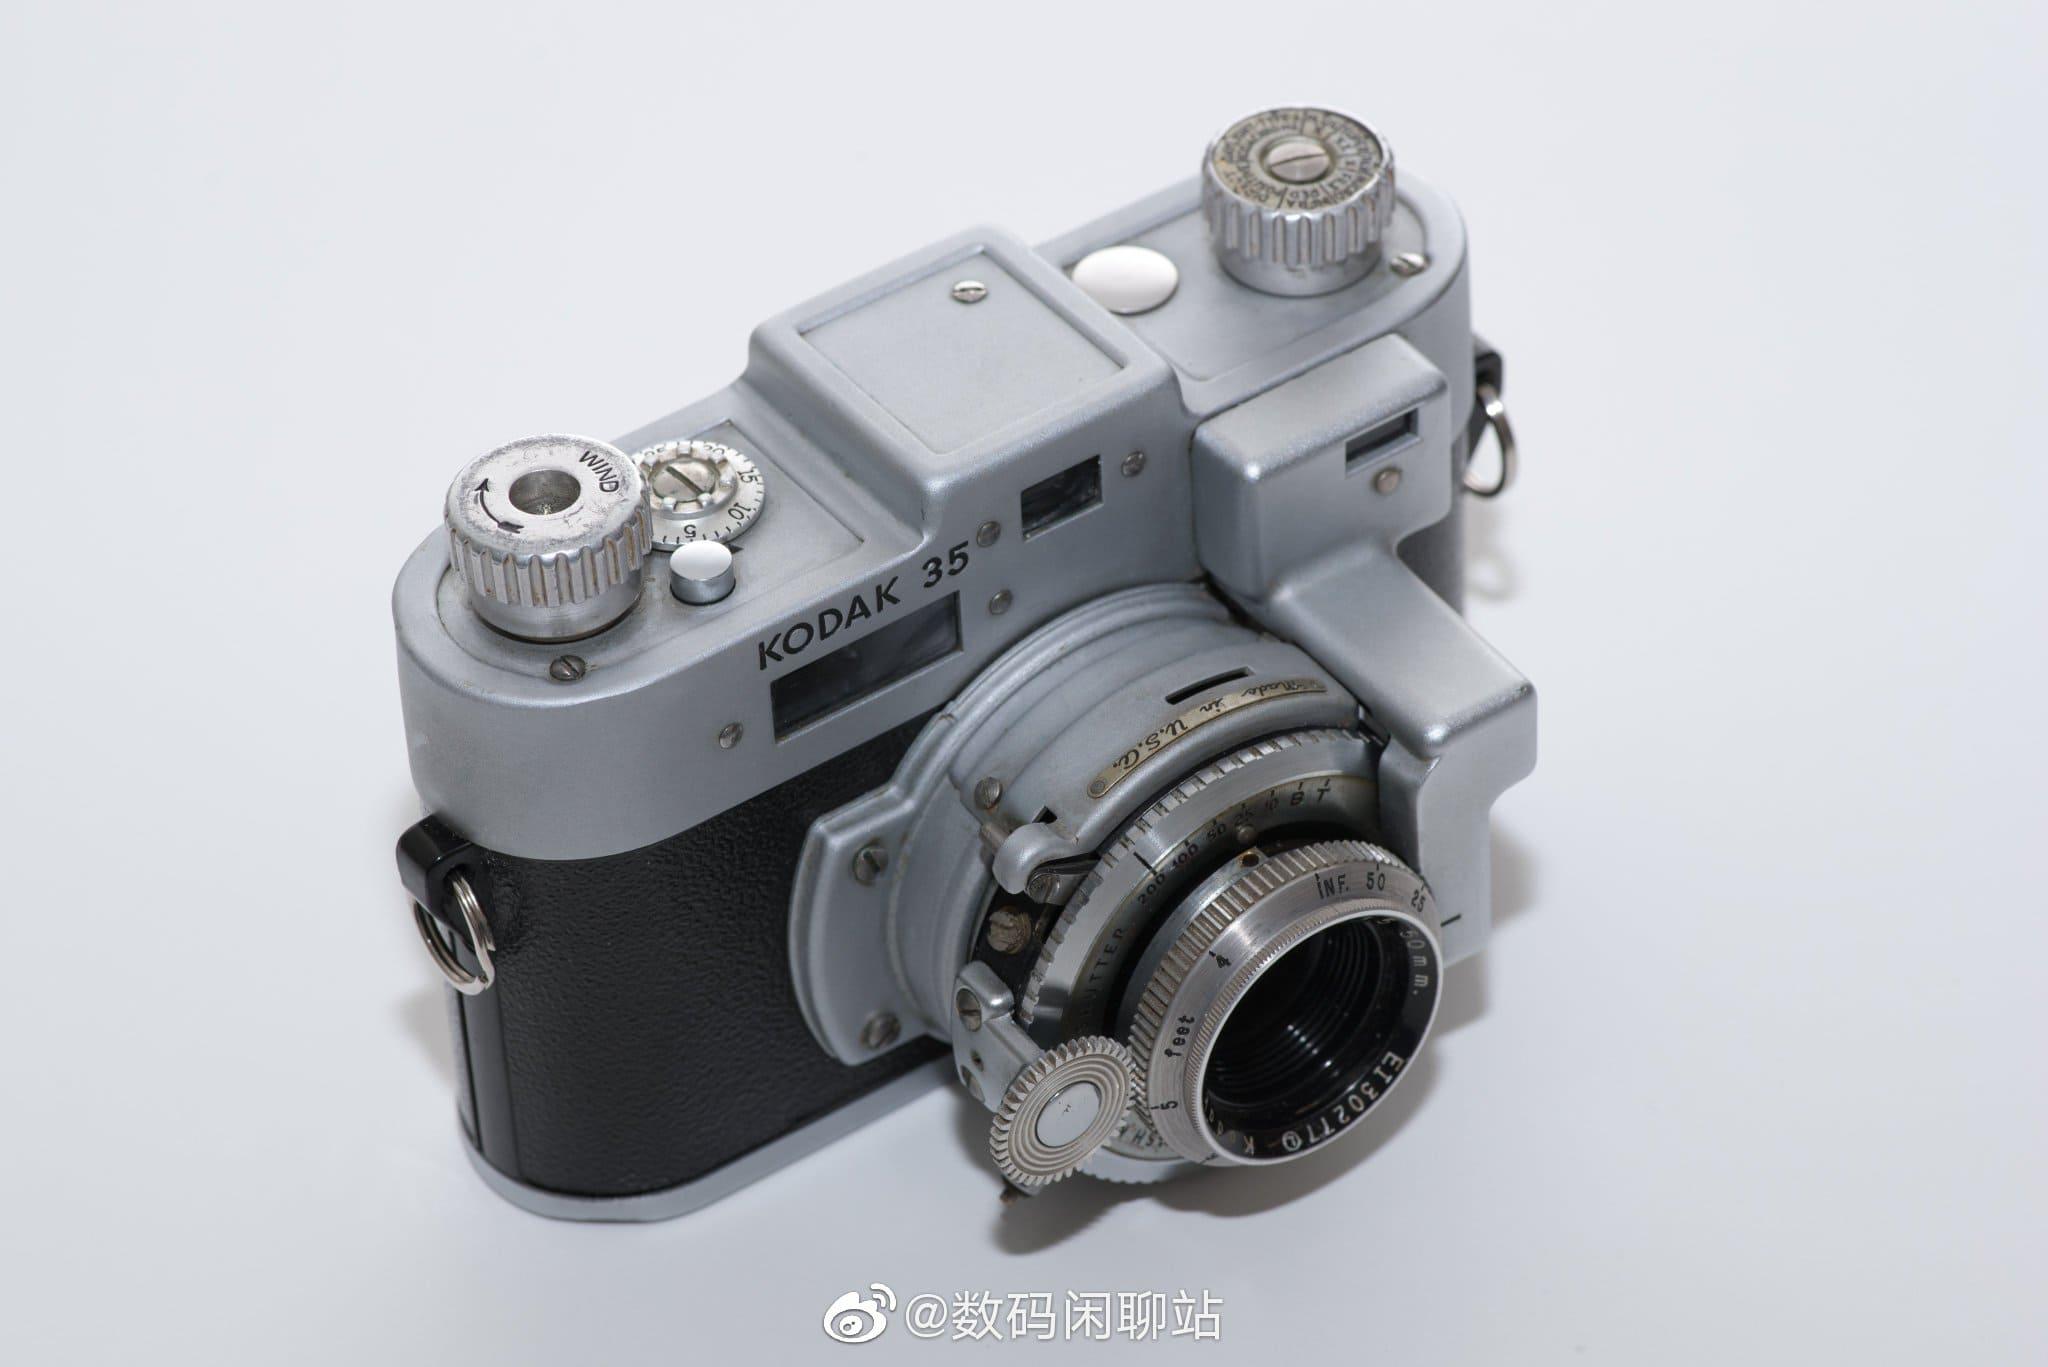 camara-fotografica-Kodak